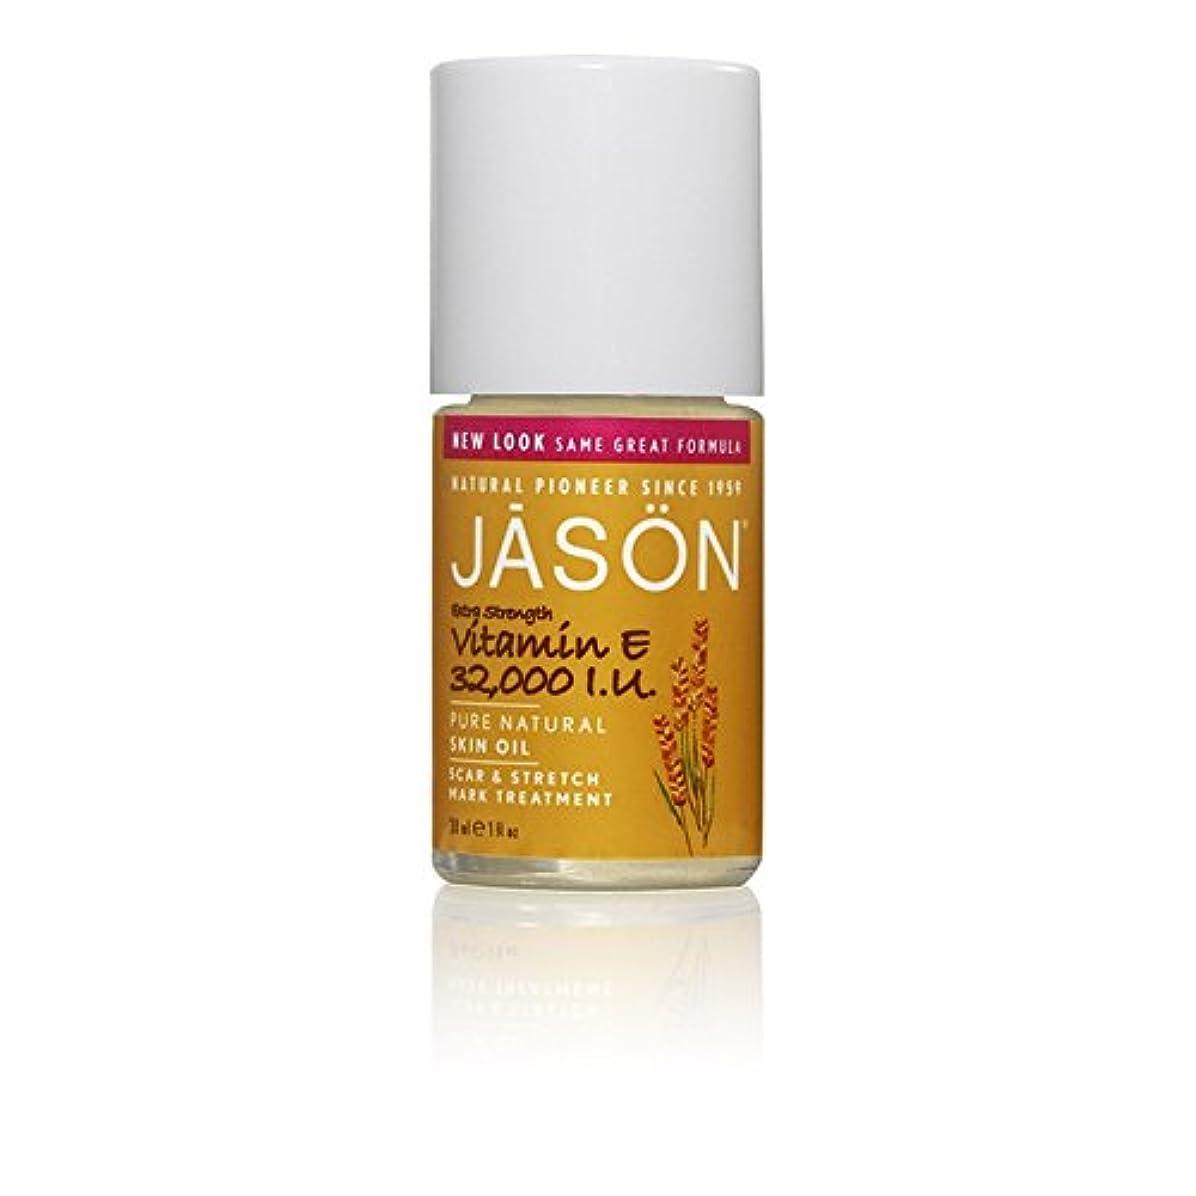 散逸閉じる枯れるジェイソン?ビタミン 32,000オイル傷跡&ストレッチマークトリートメント33ミリリットル x2 - Jason Vitamin E 32,000iu Oil Scar & Stretch Mark Treatment 33ml (Pack of 2) [並行輸入品]